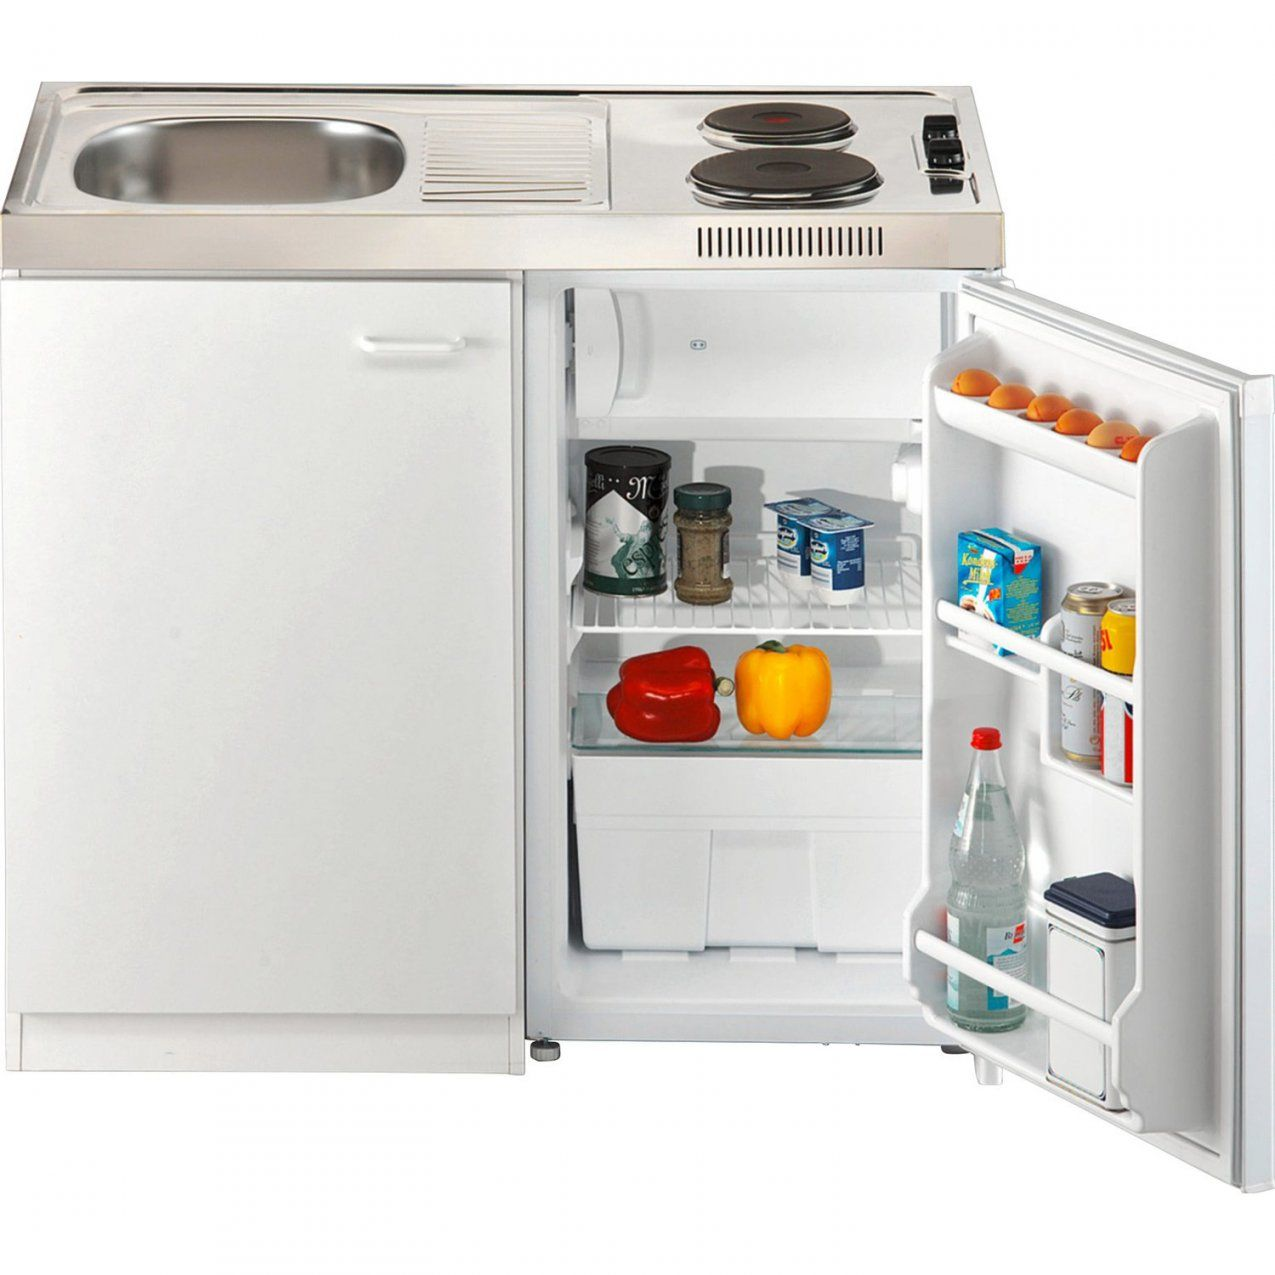 Miniküche 100 Cm Kaufen Bei Obi von Pantryküche 100 Cm Mit Kühlschrank Bild